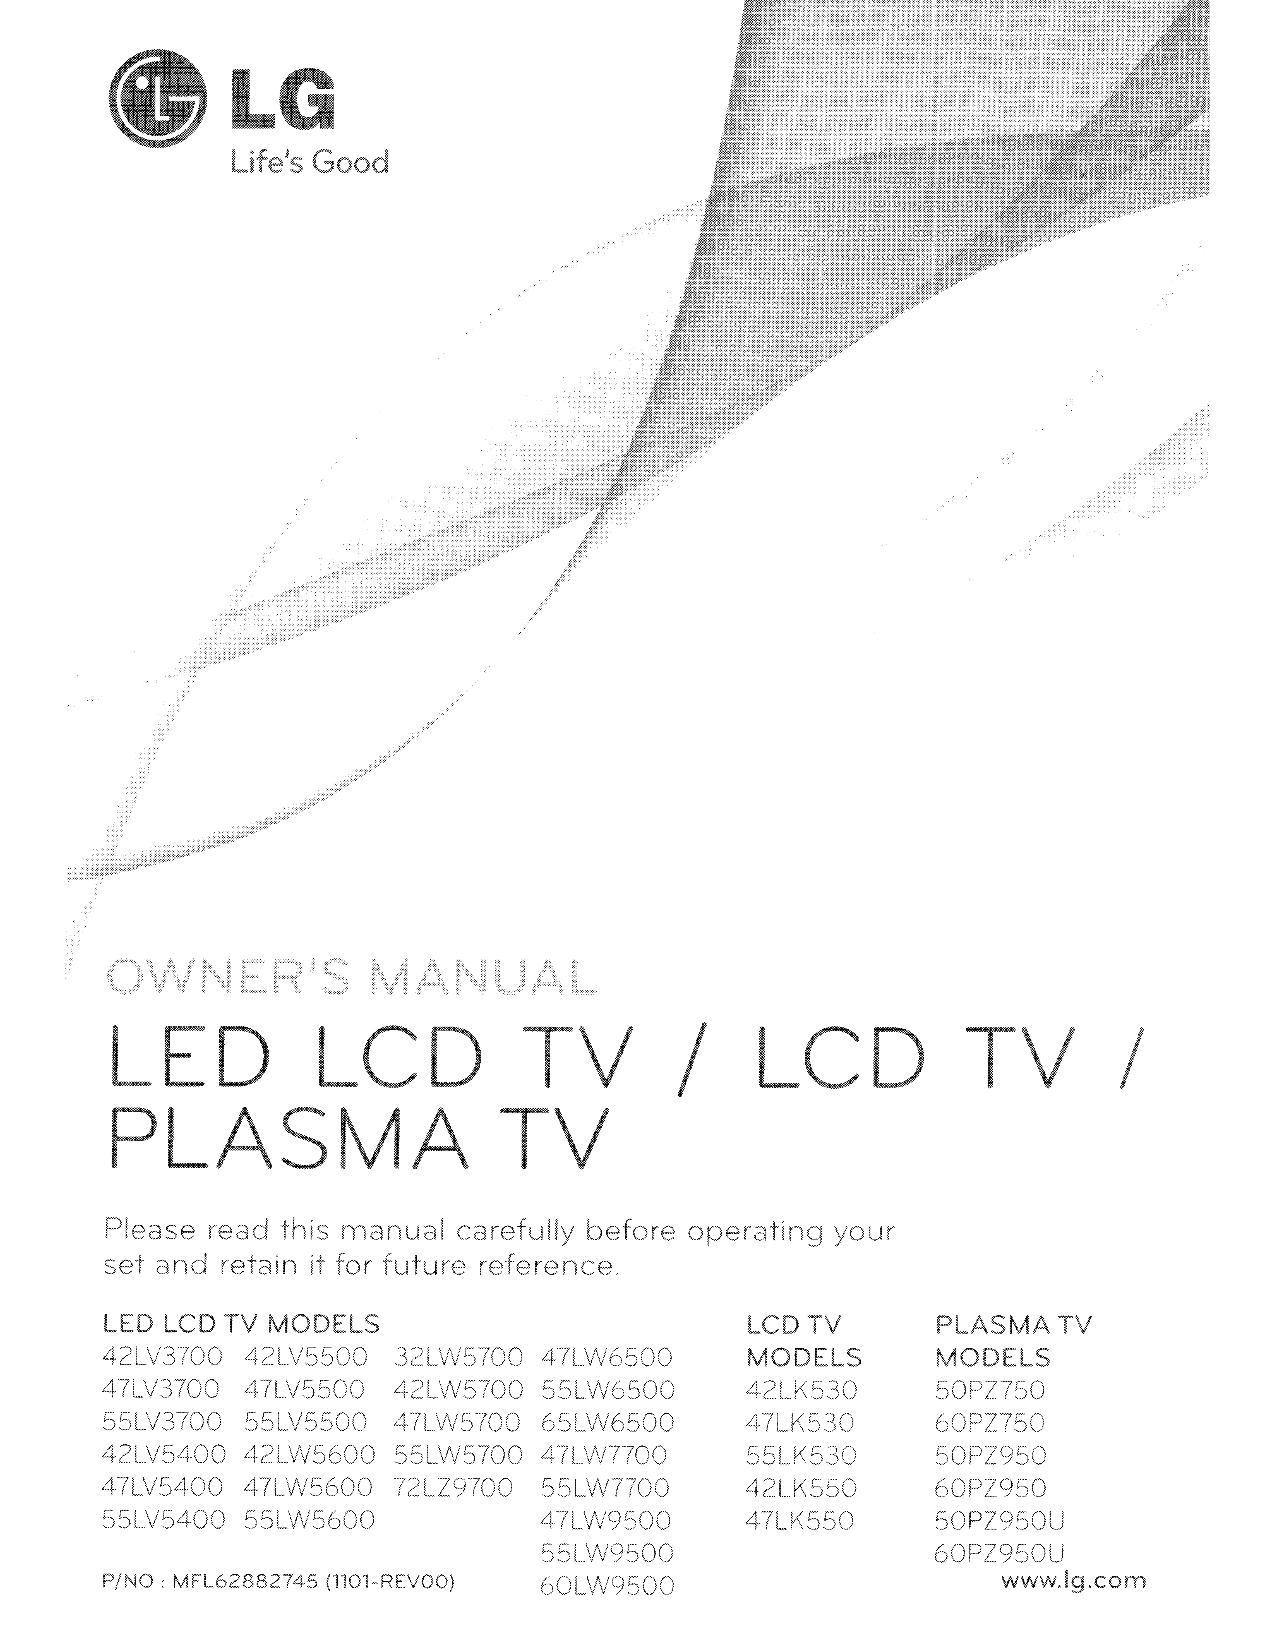 pdf for LG Plasma TV 60PZ750 manual